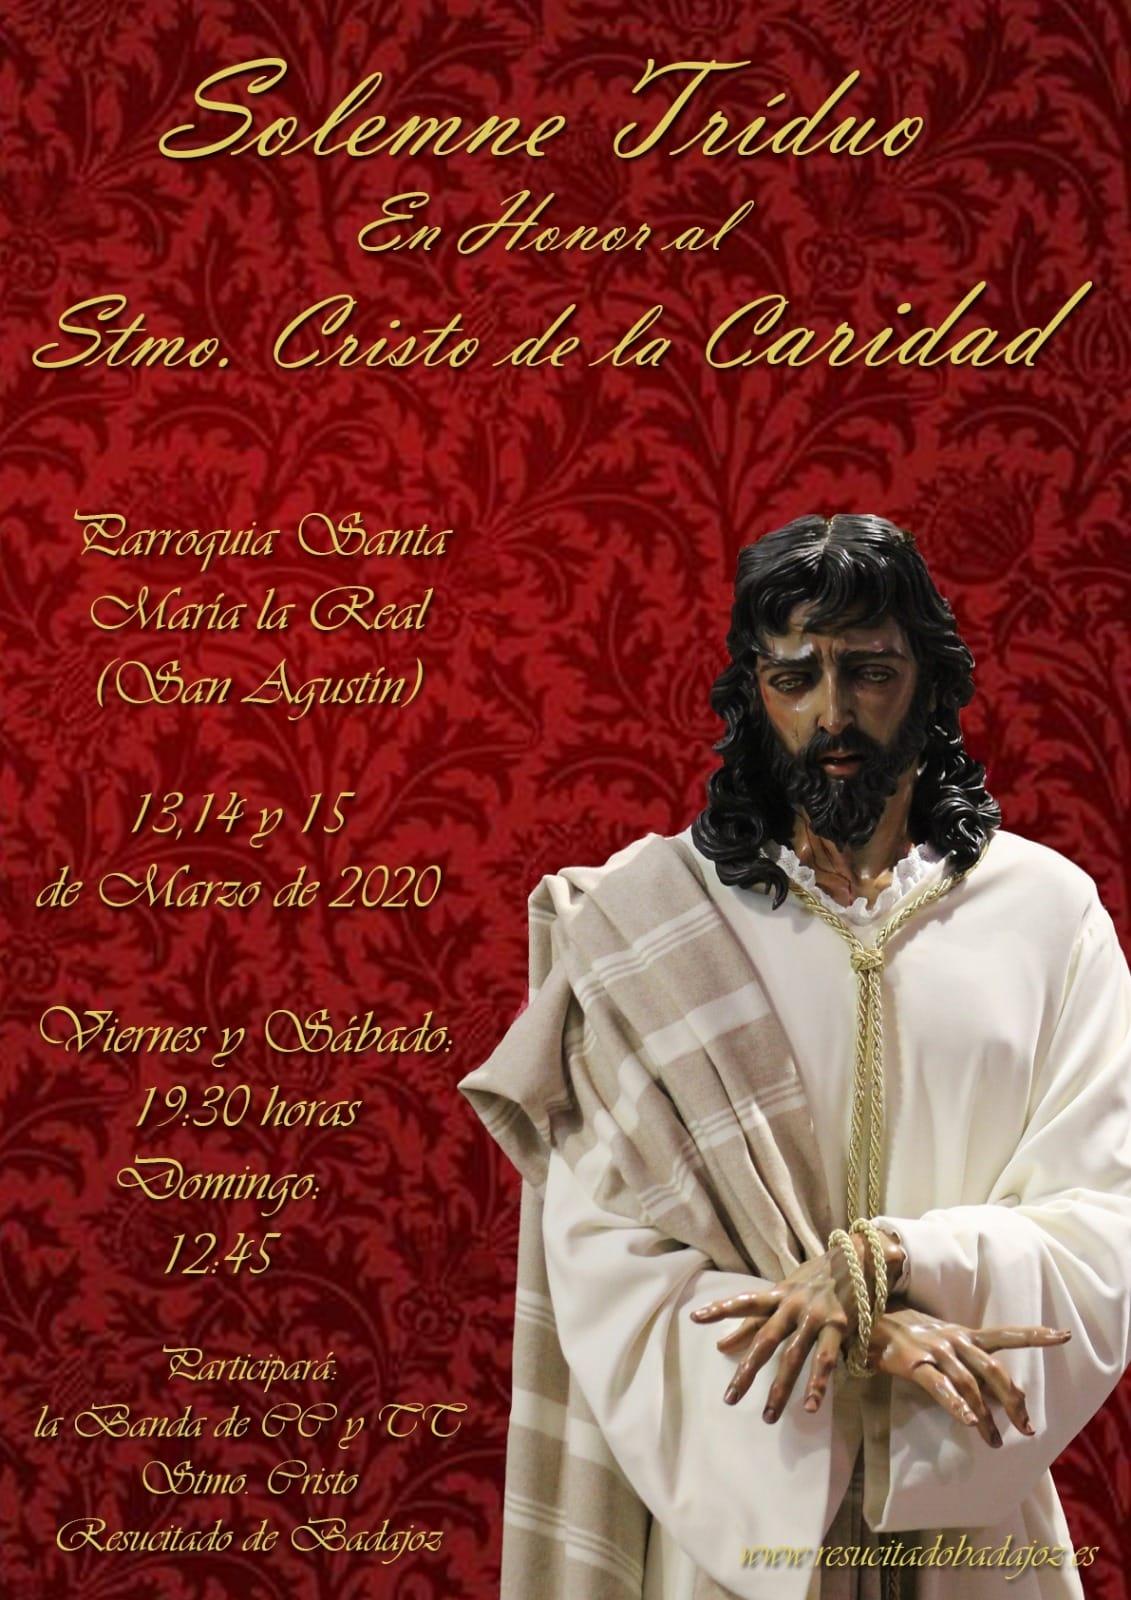 Triduo en honor al Stmo. Cristo de la Caridad